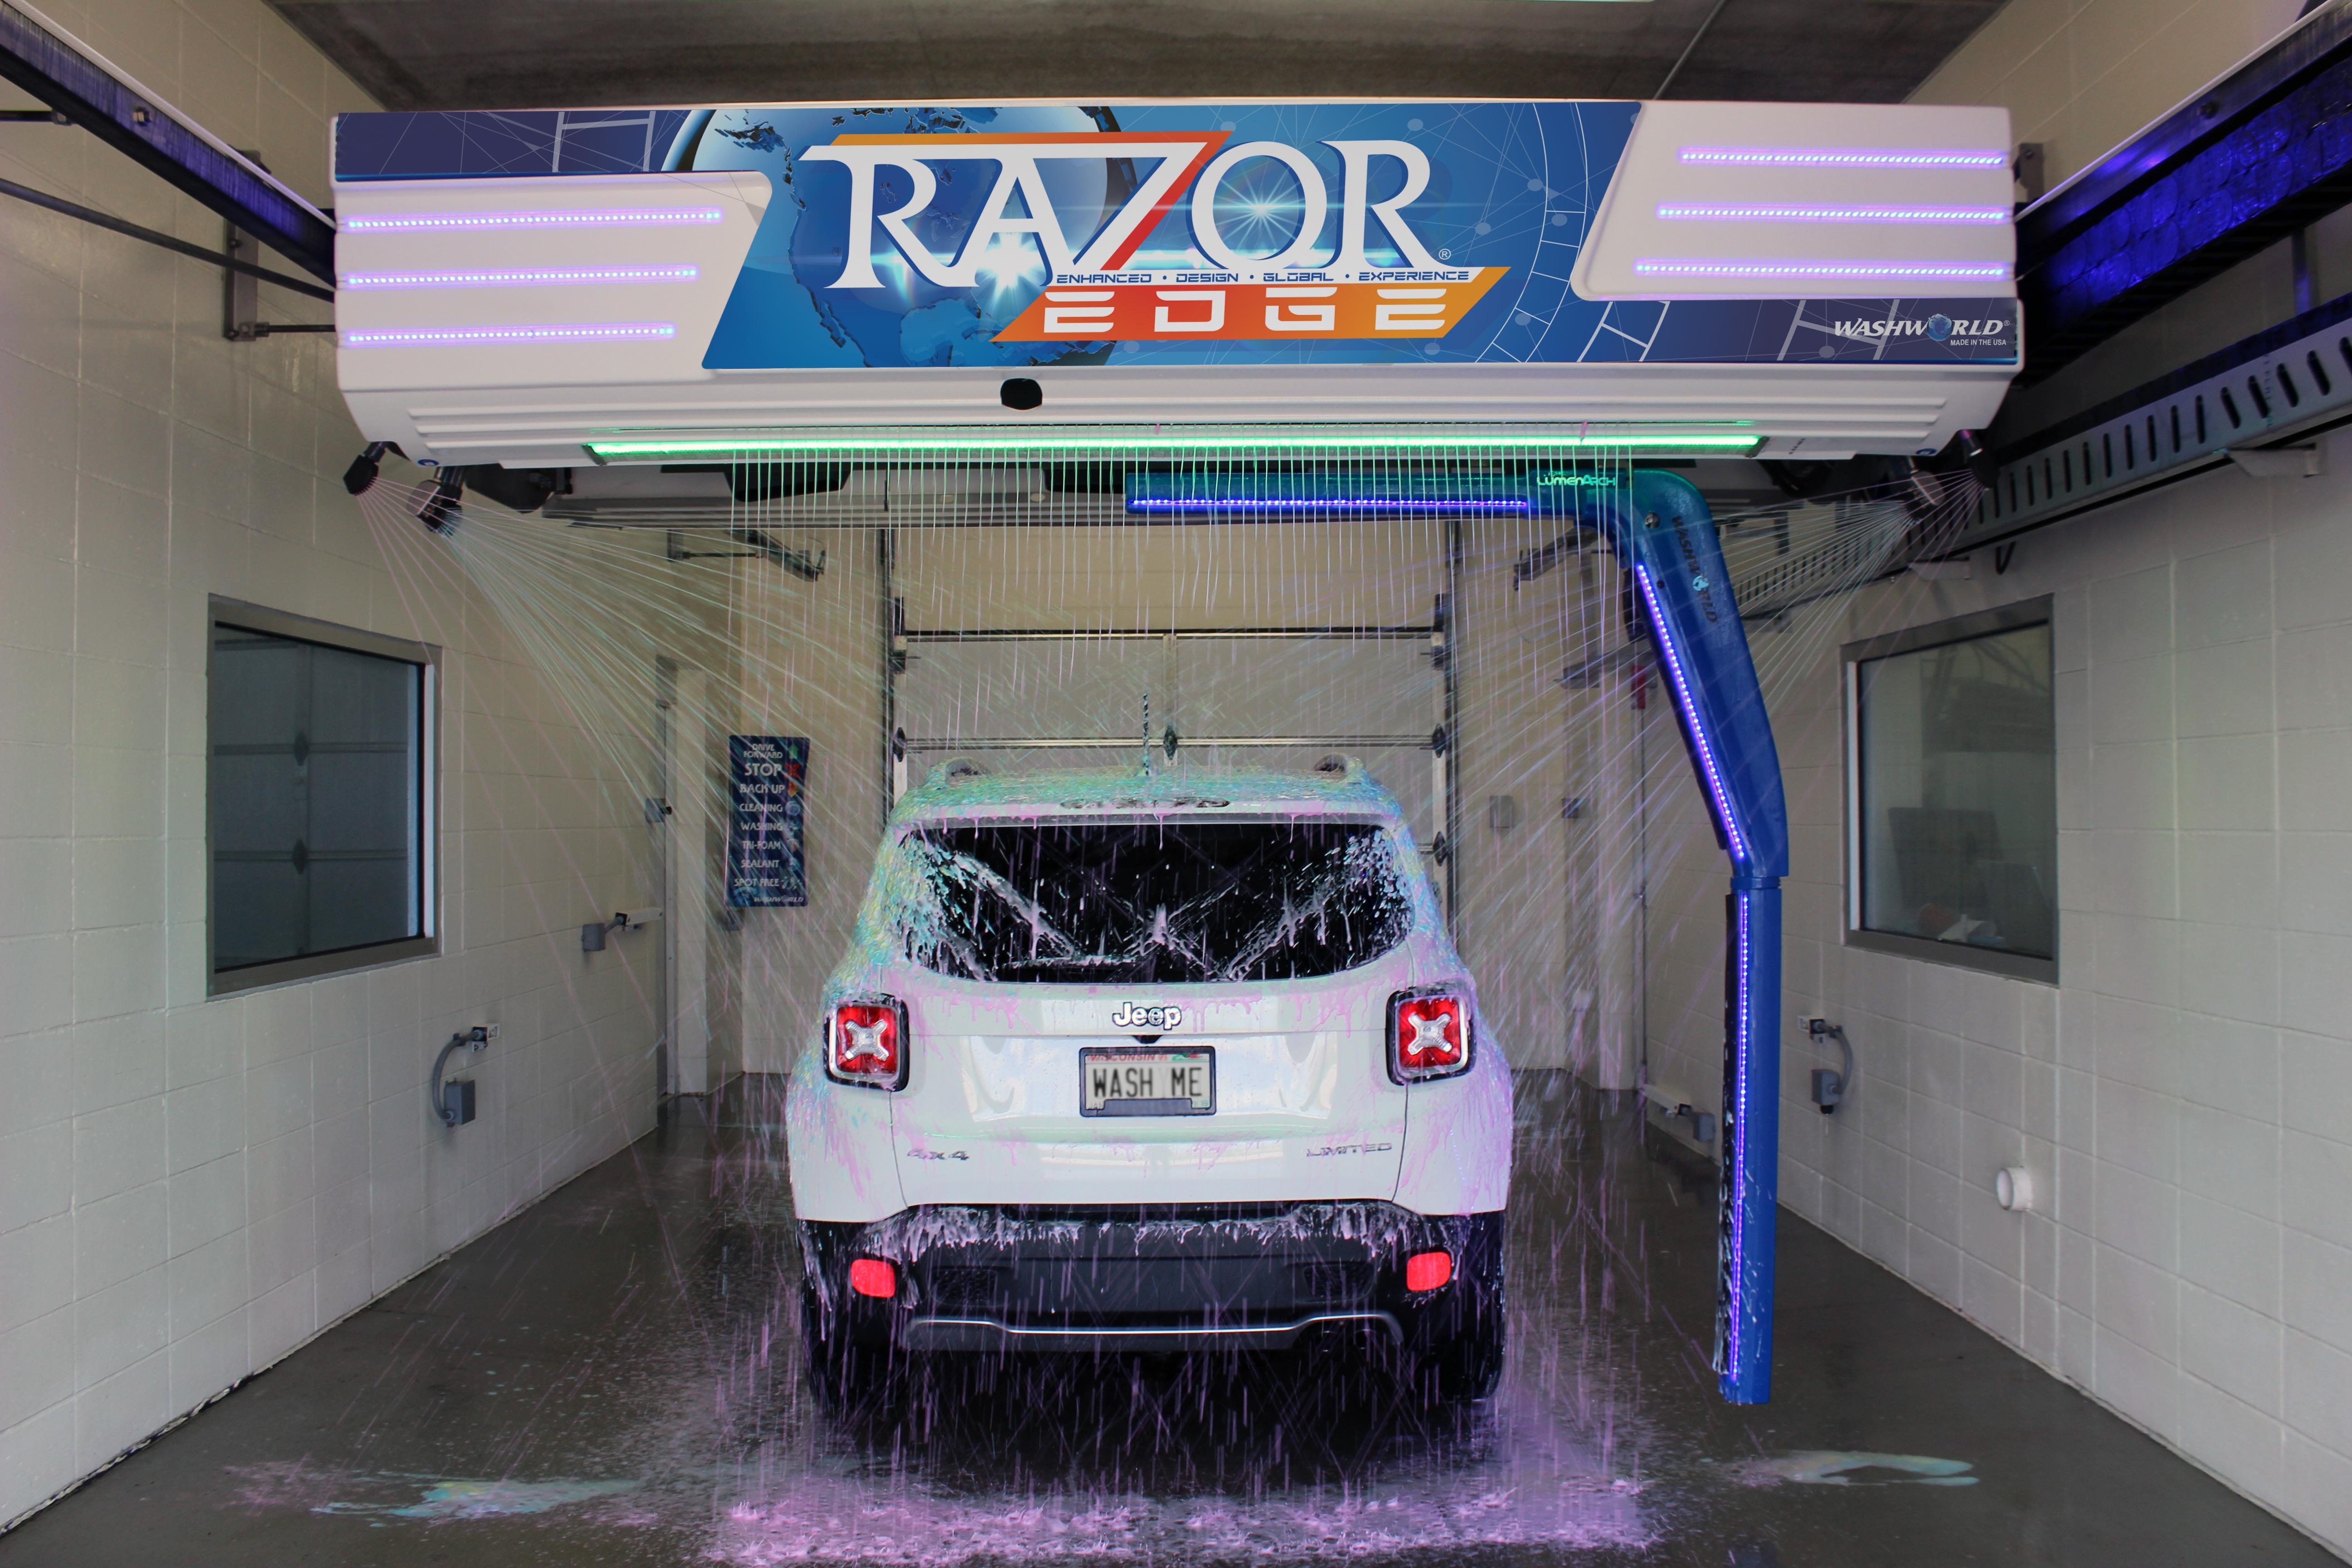 Washworld Razor EDGE car wash